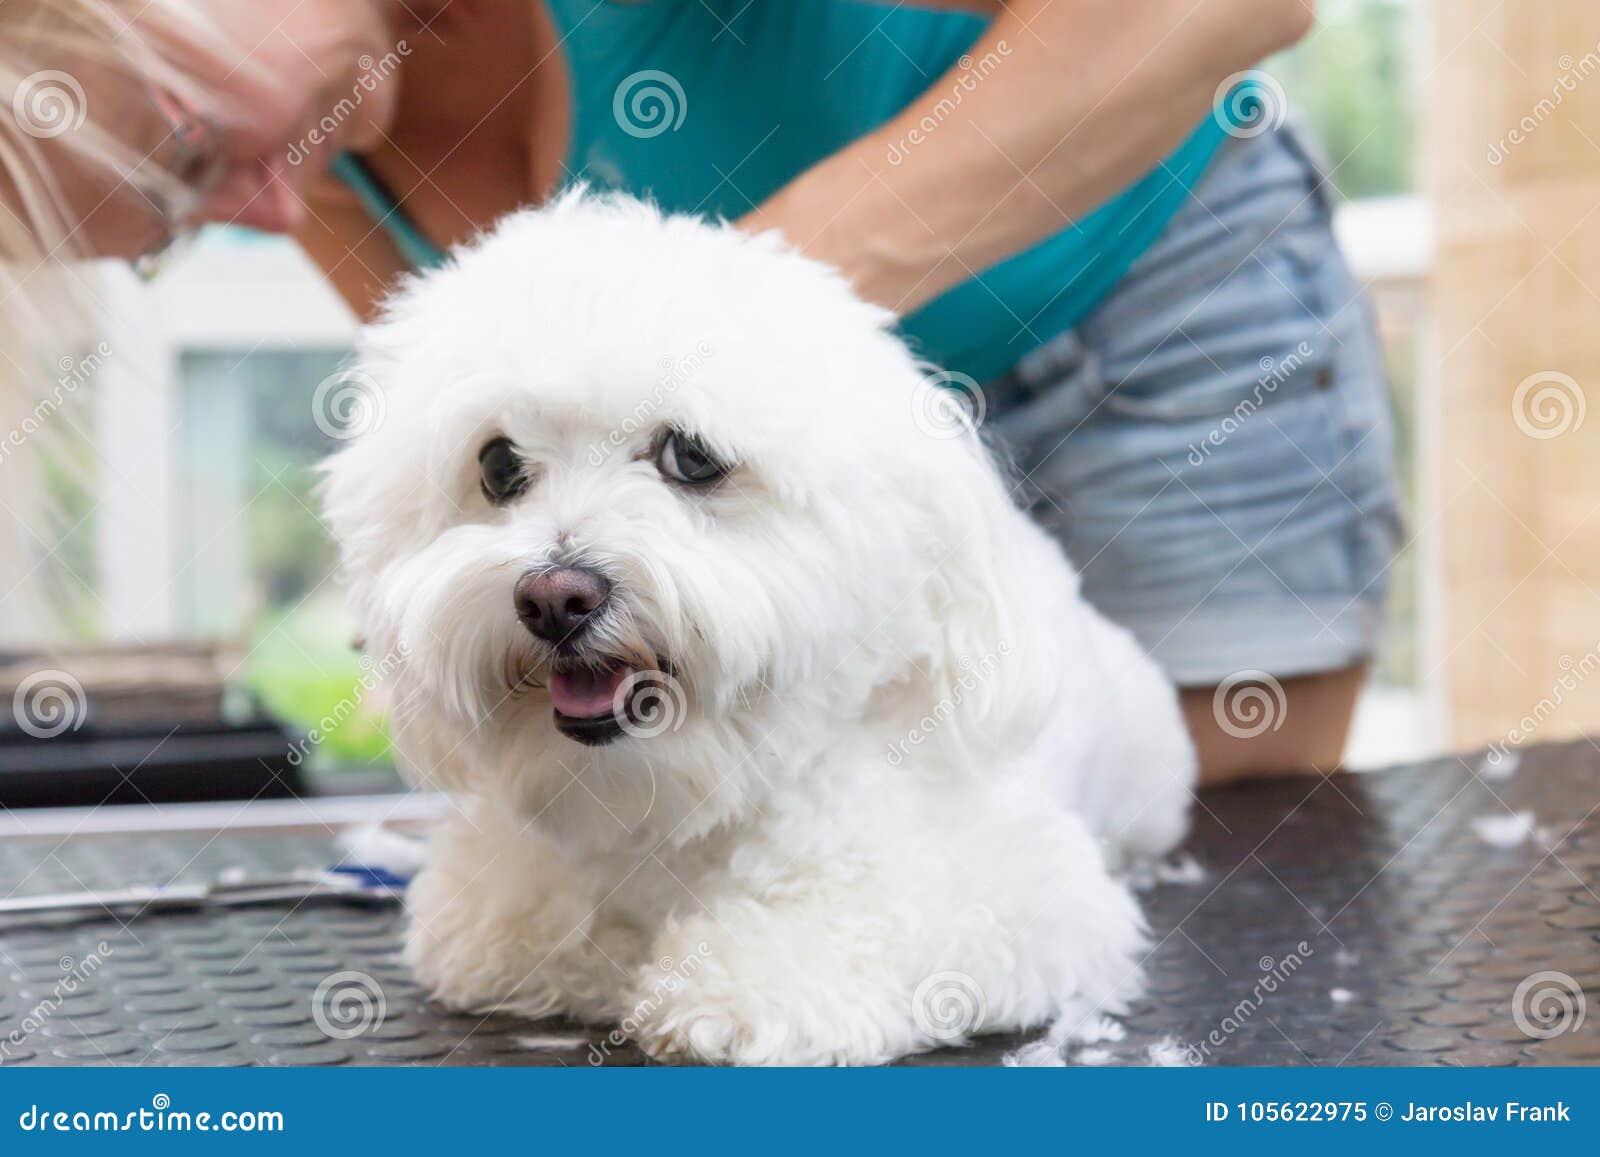 Το χαριτωμένο άσπρο από τη Μπολώνια σκυλί είναι καλλωπισμένο στον πίνακα